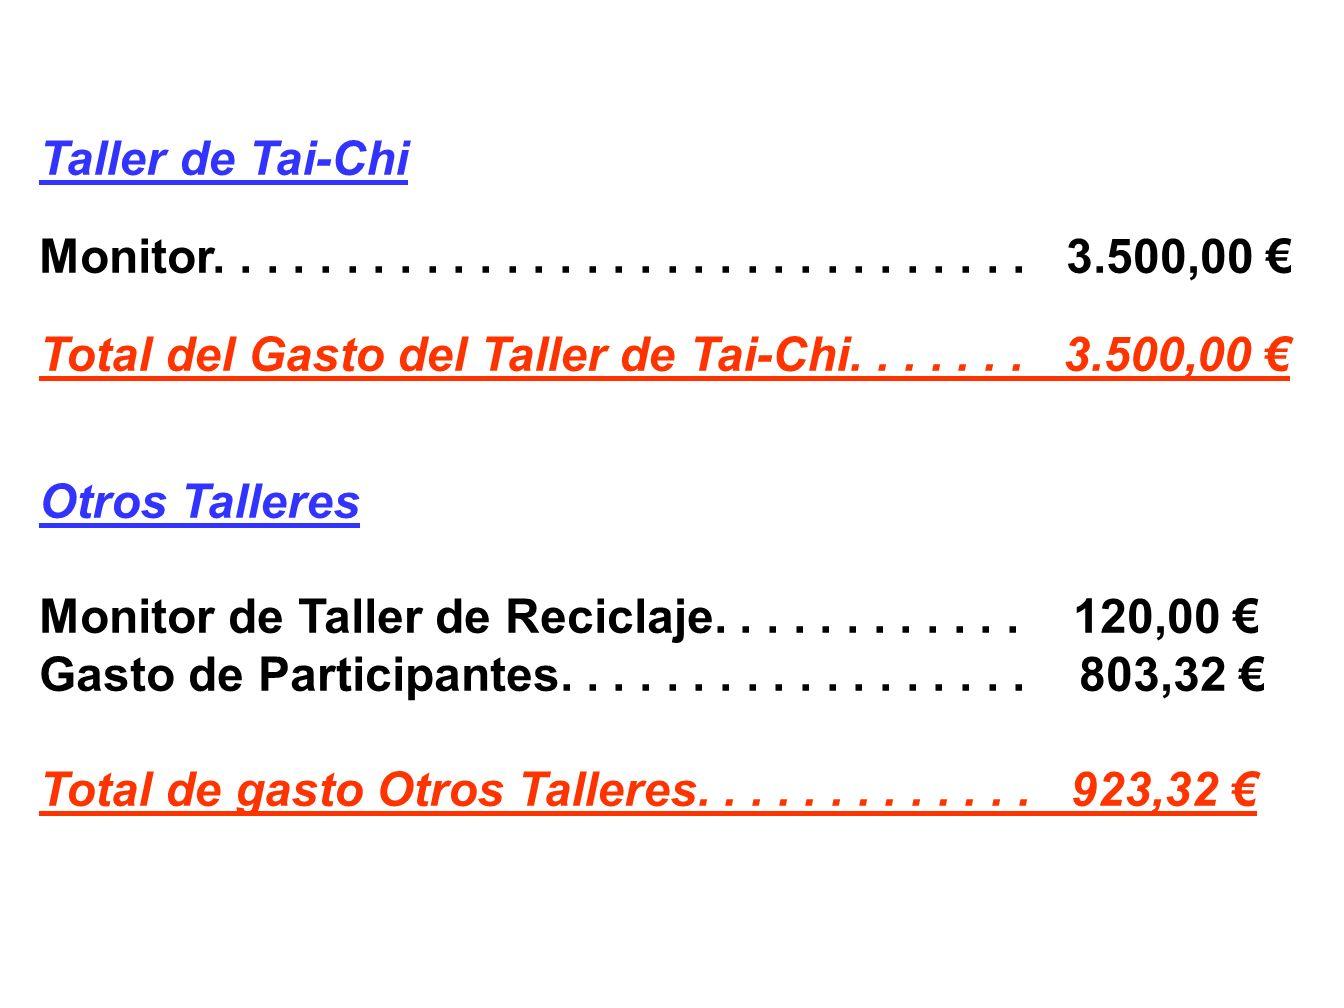 Talleres de Psicología (Ayuntamiento de La Solana) Monitor Talleres Autoestima, Pensamiento Positivo y Habilidades Sociales........... 1.700,00 Total